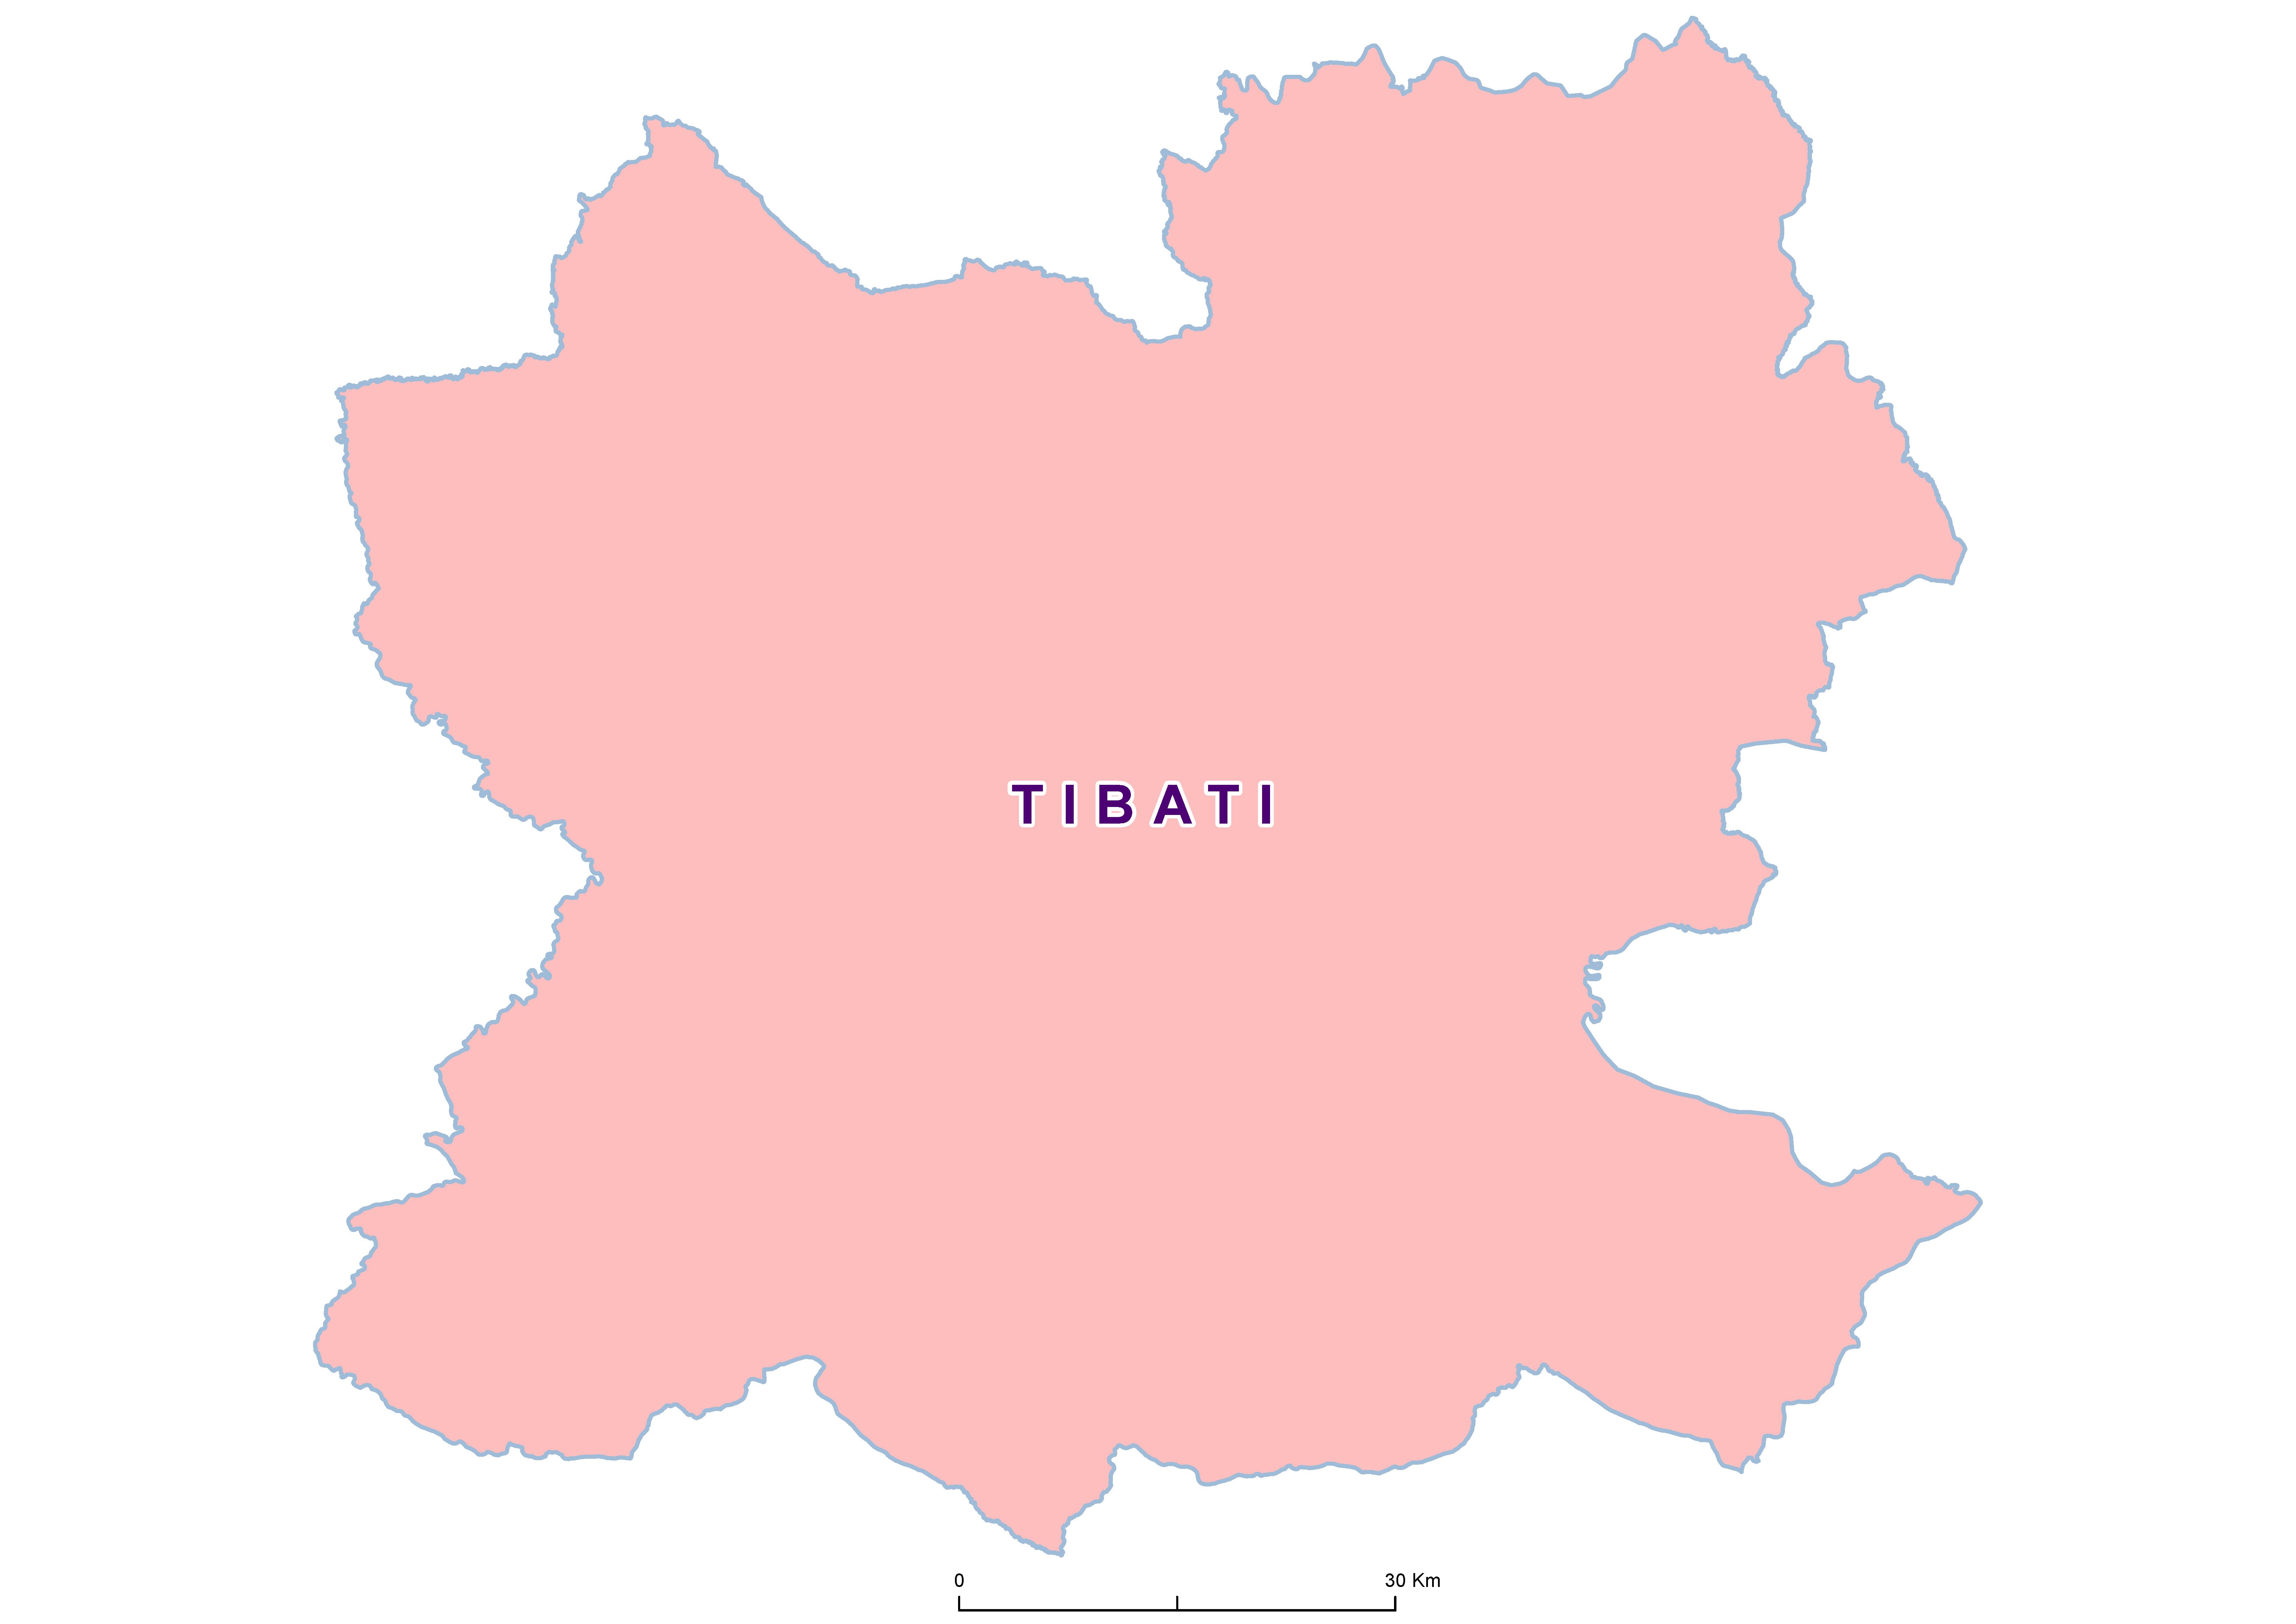 Tibati Mean SCH 19850001